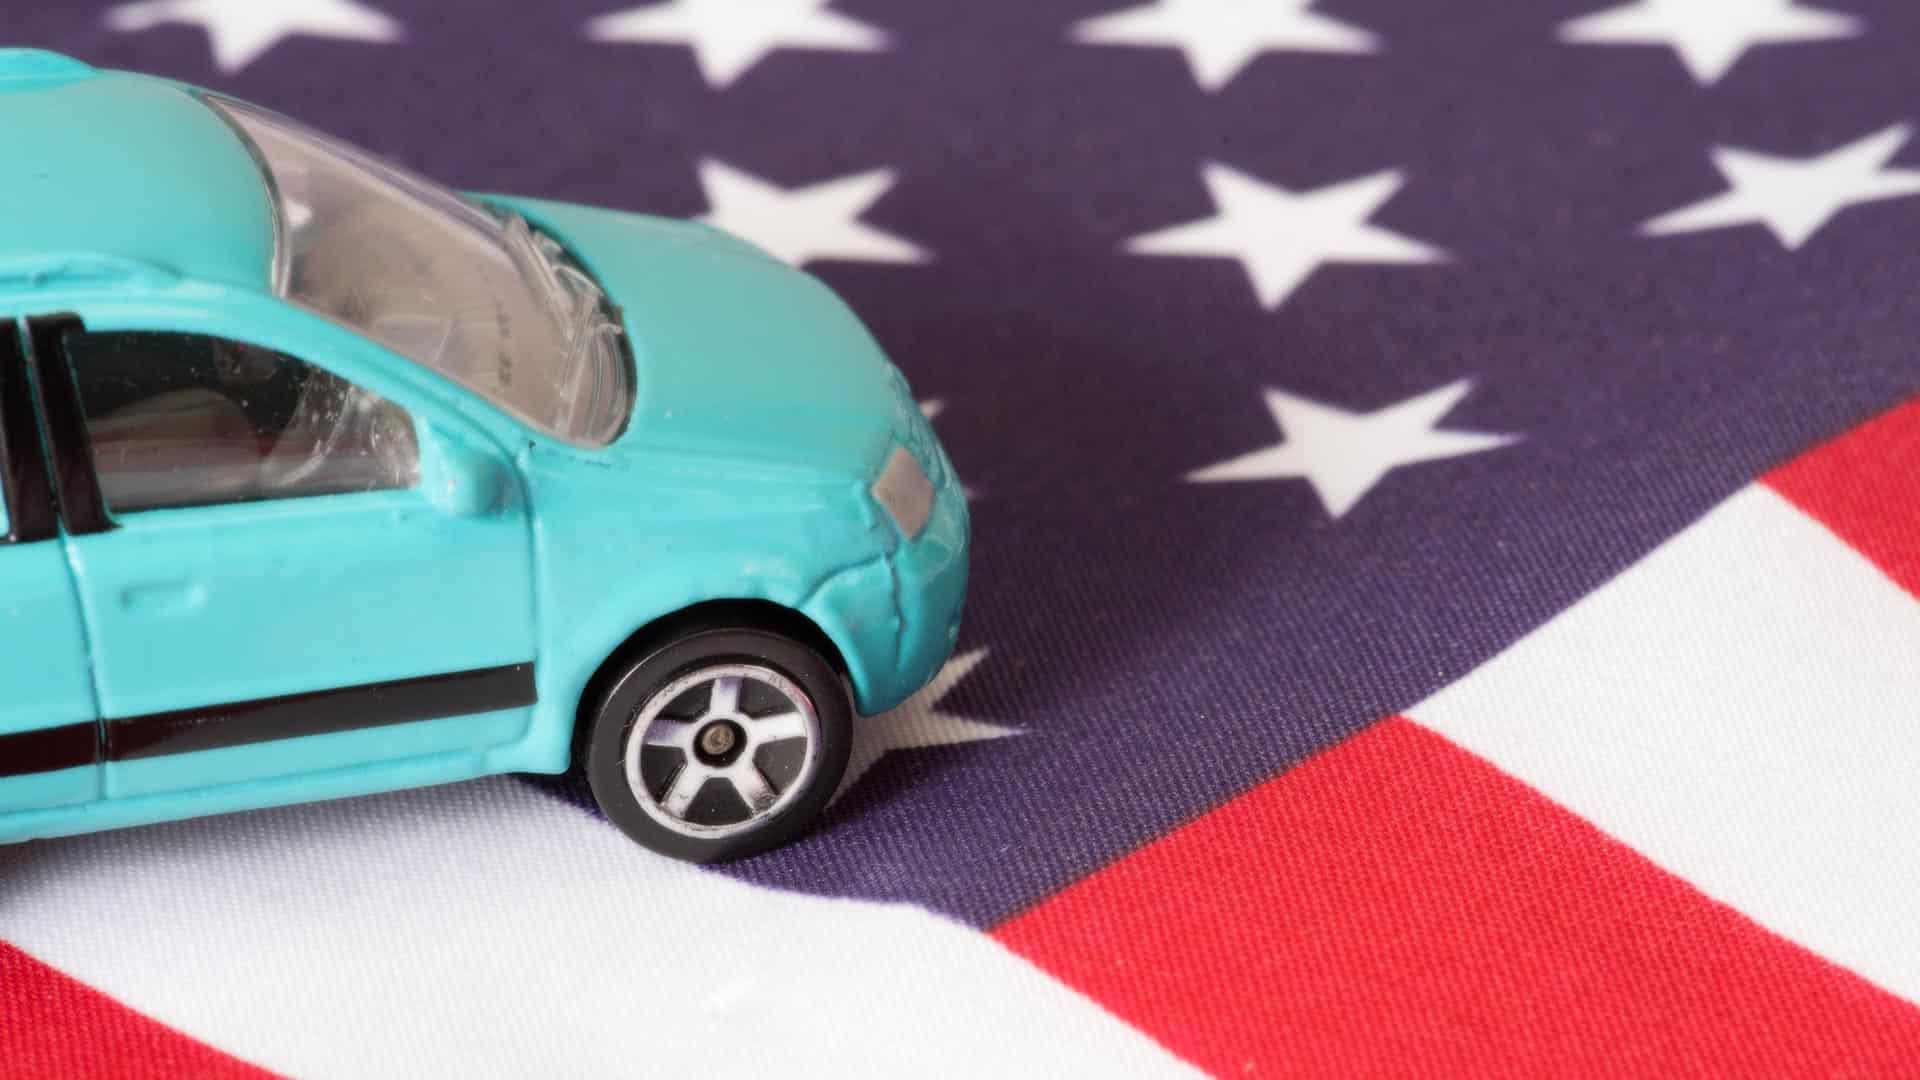 Bald Strafzölle auf deutsche Autos in den USA?